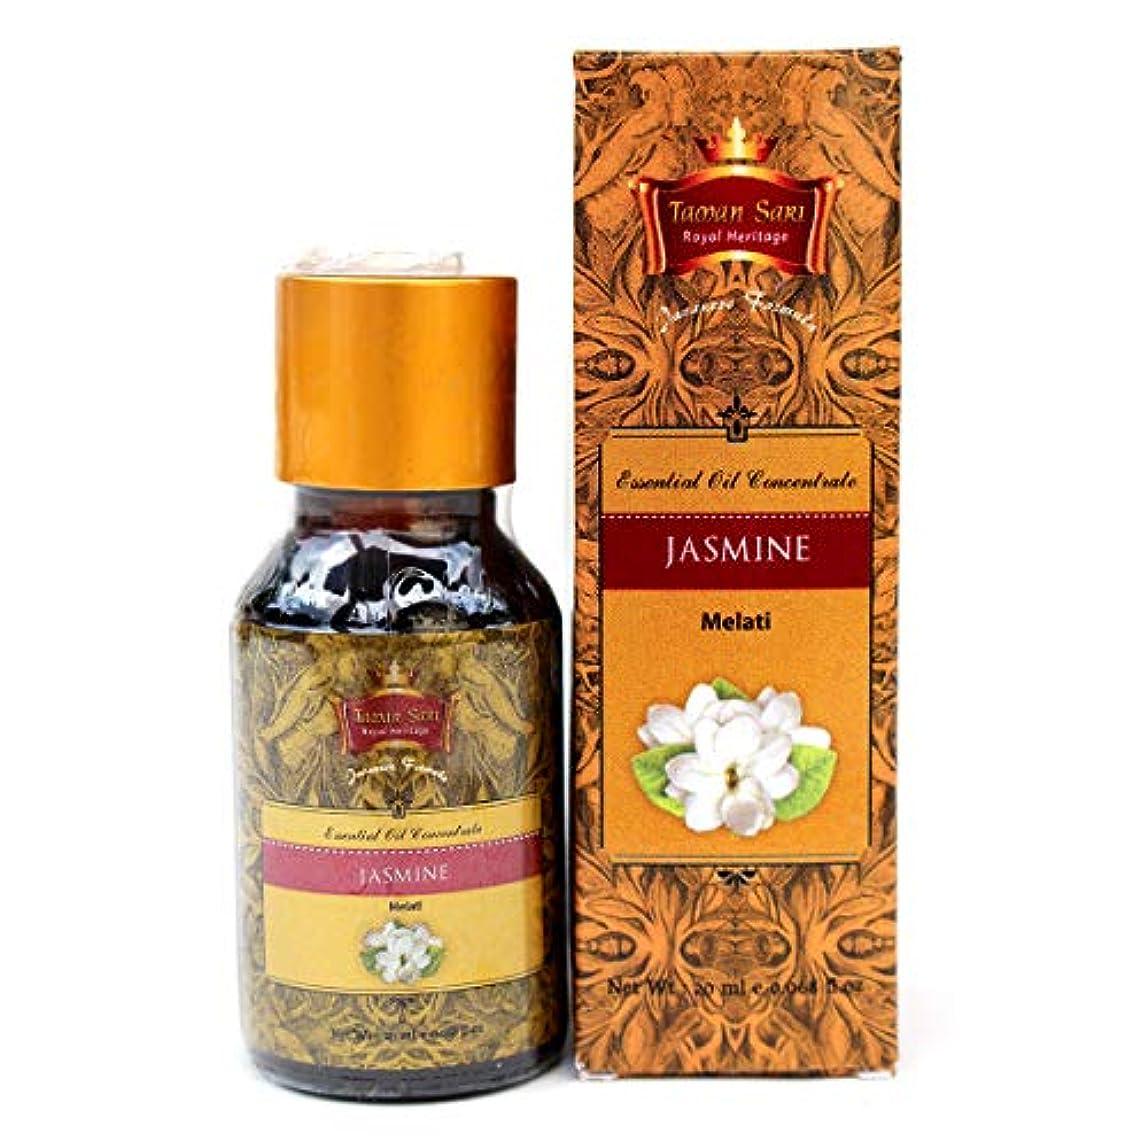 調べる懸念三Taman Sari タマンサリ エッセンシャルオイル ムスティカラトゥ高級スパブランド Jasmine ジャスミン 20ml